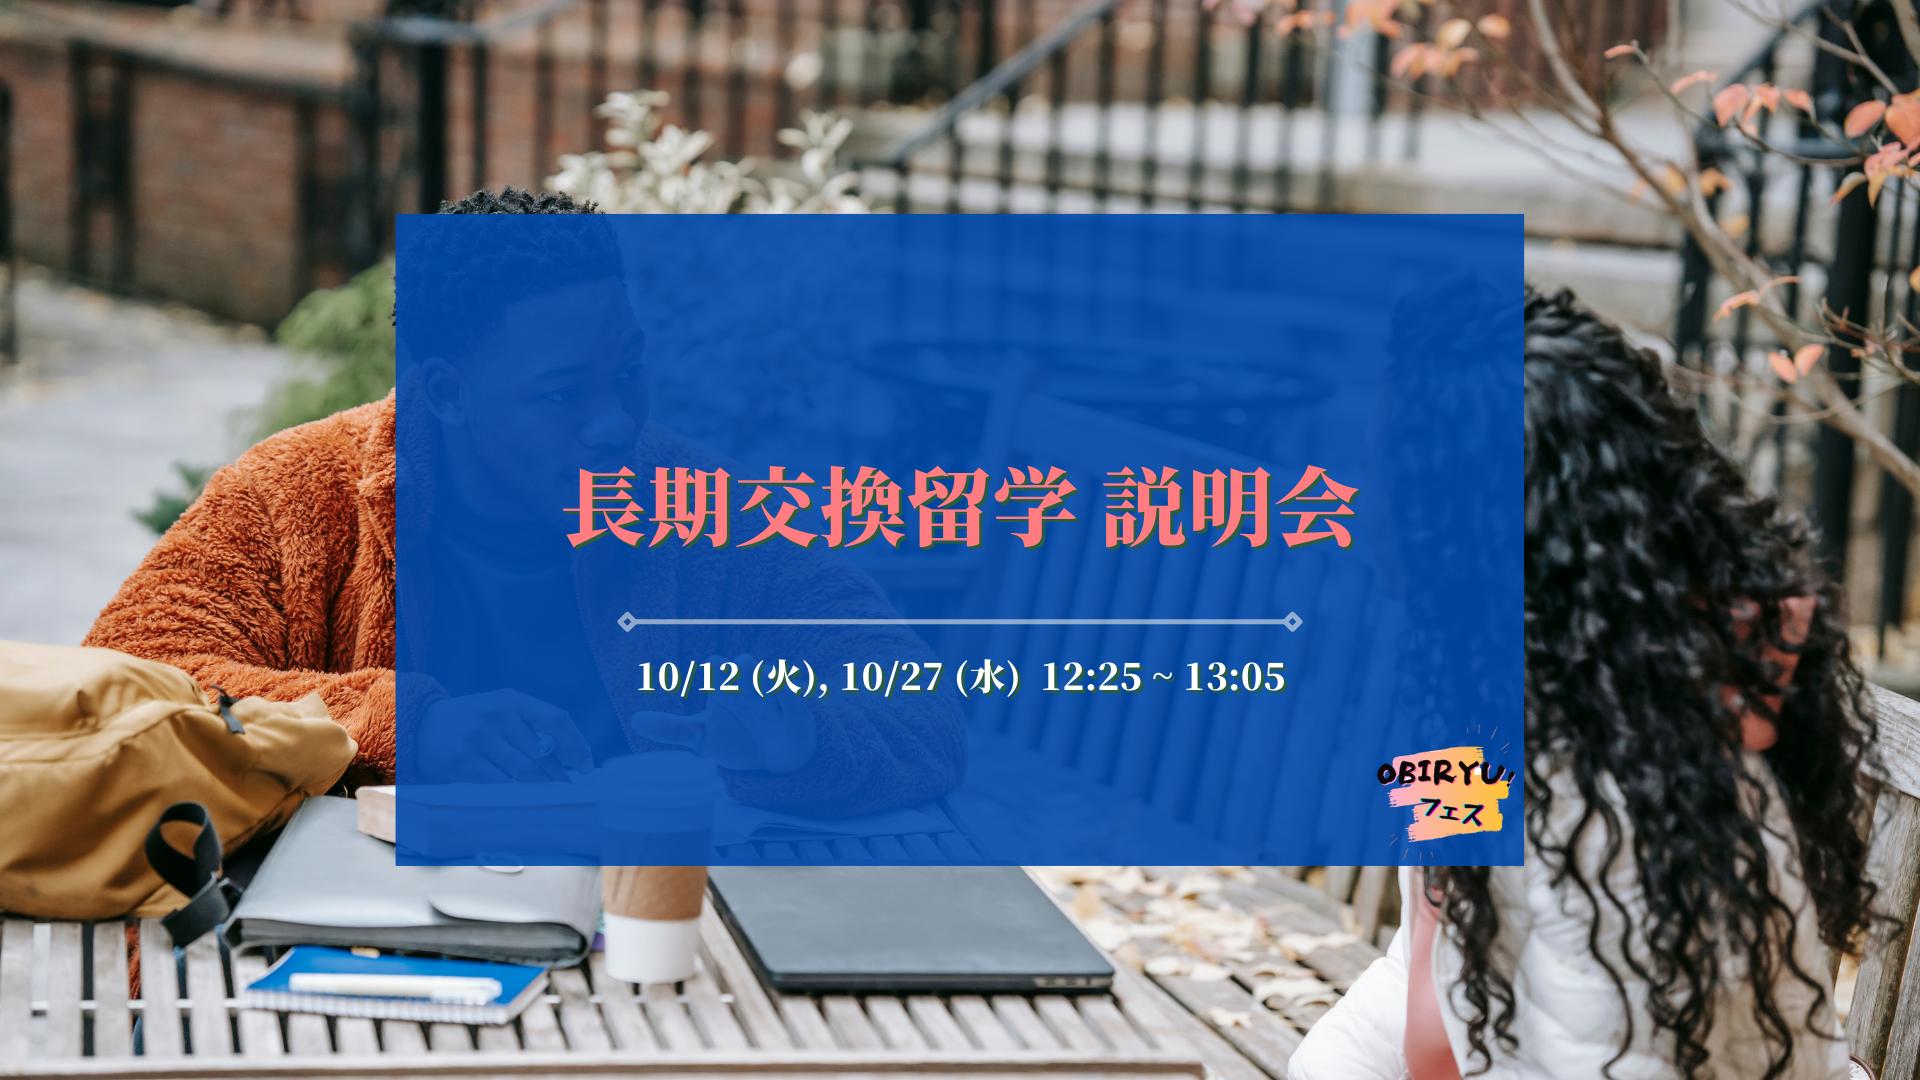 【説明会開催】10/12, 10/27 長期交換留学